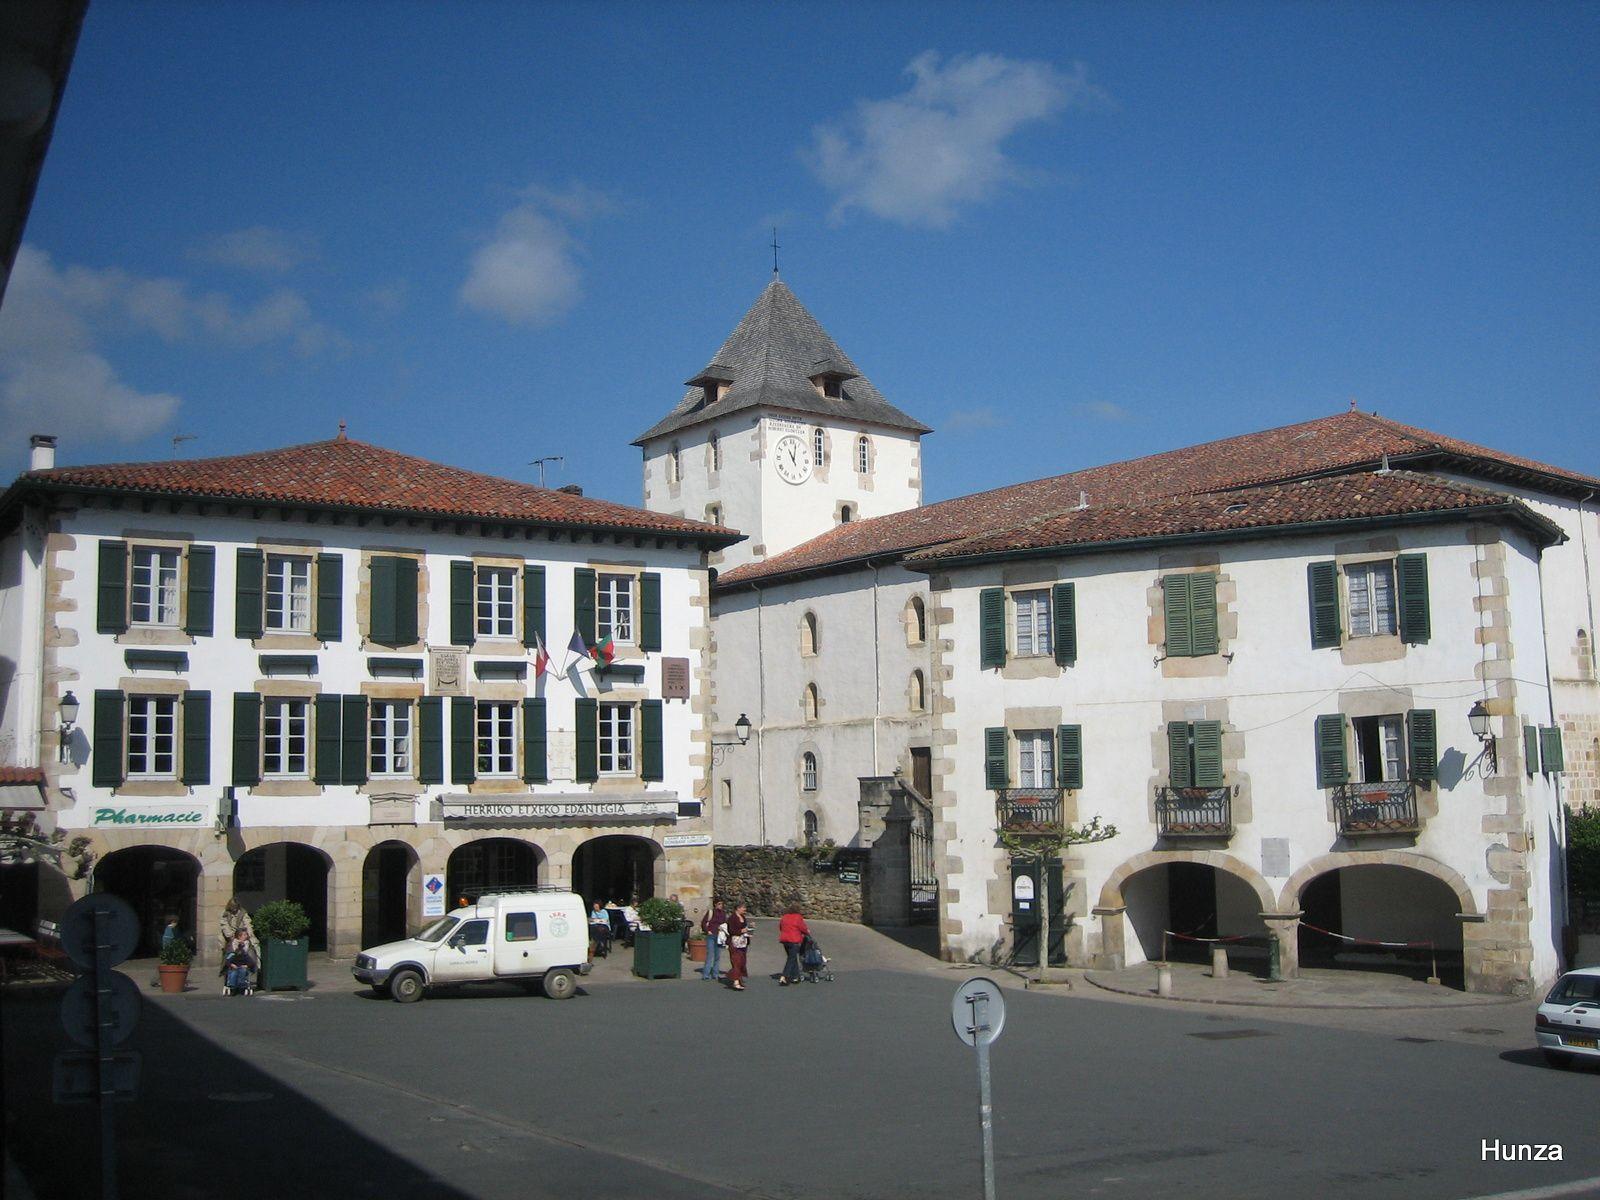 L'église Saint-Martin et la place de la mairie